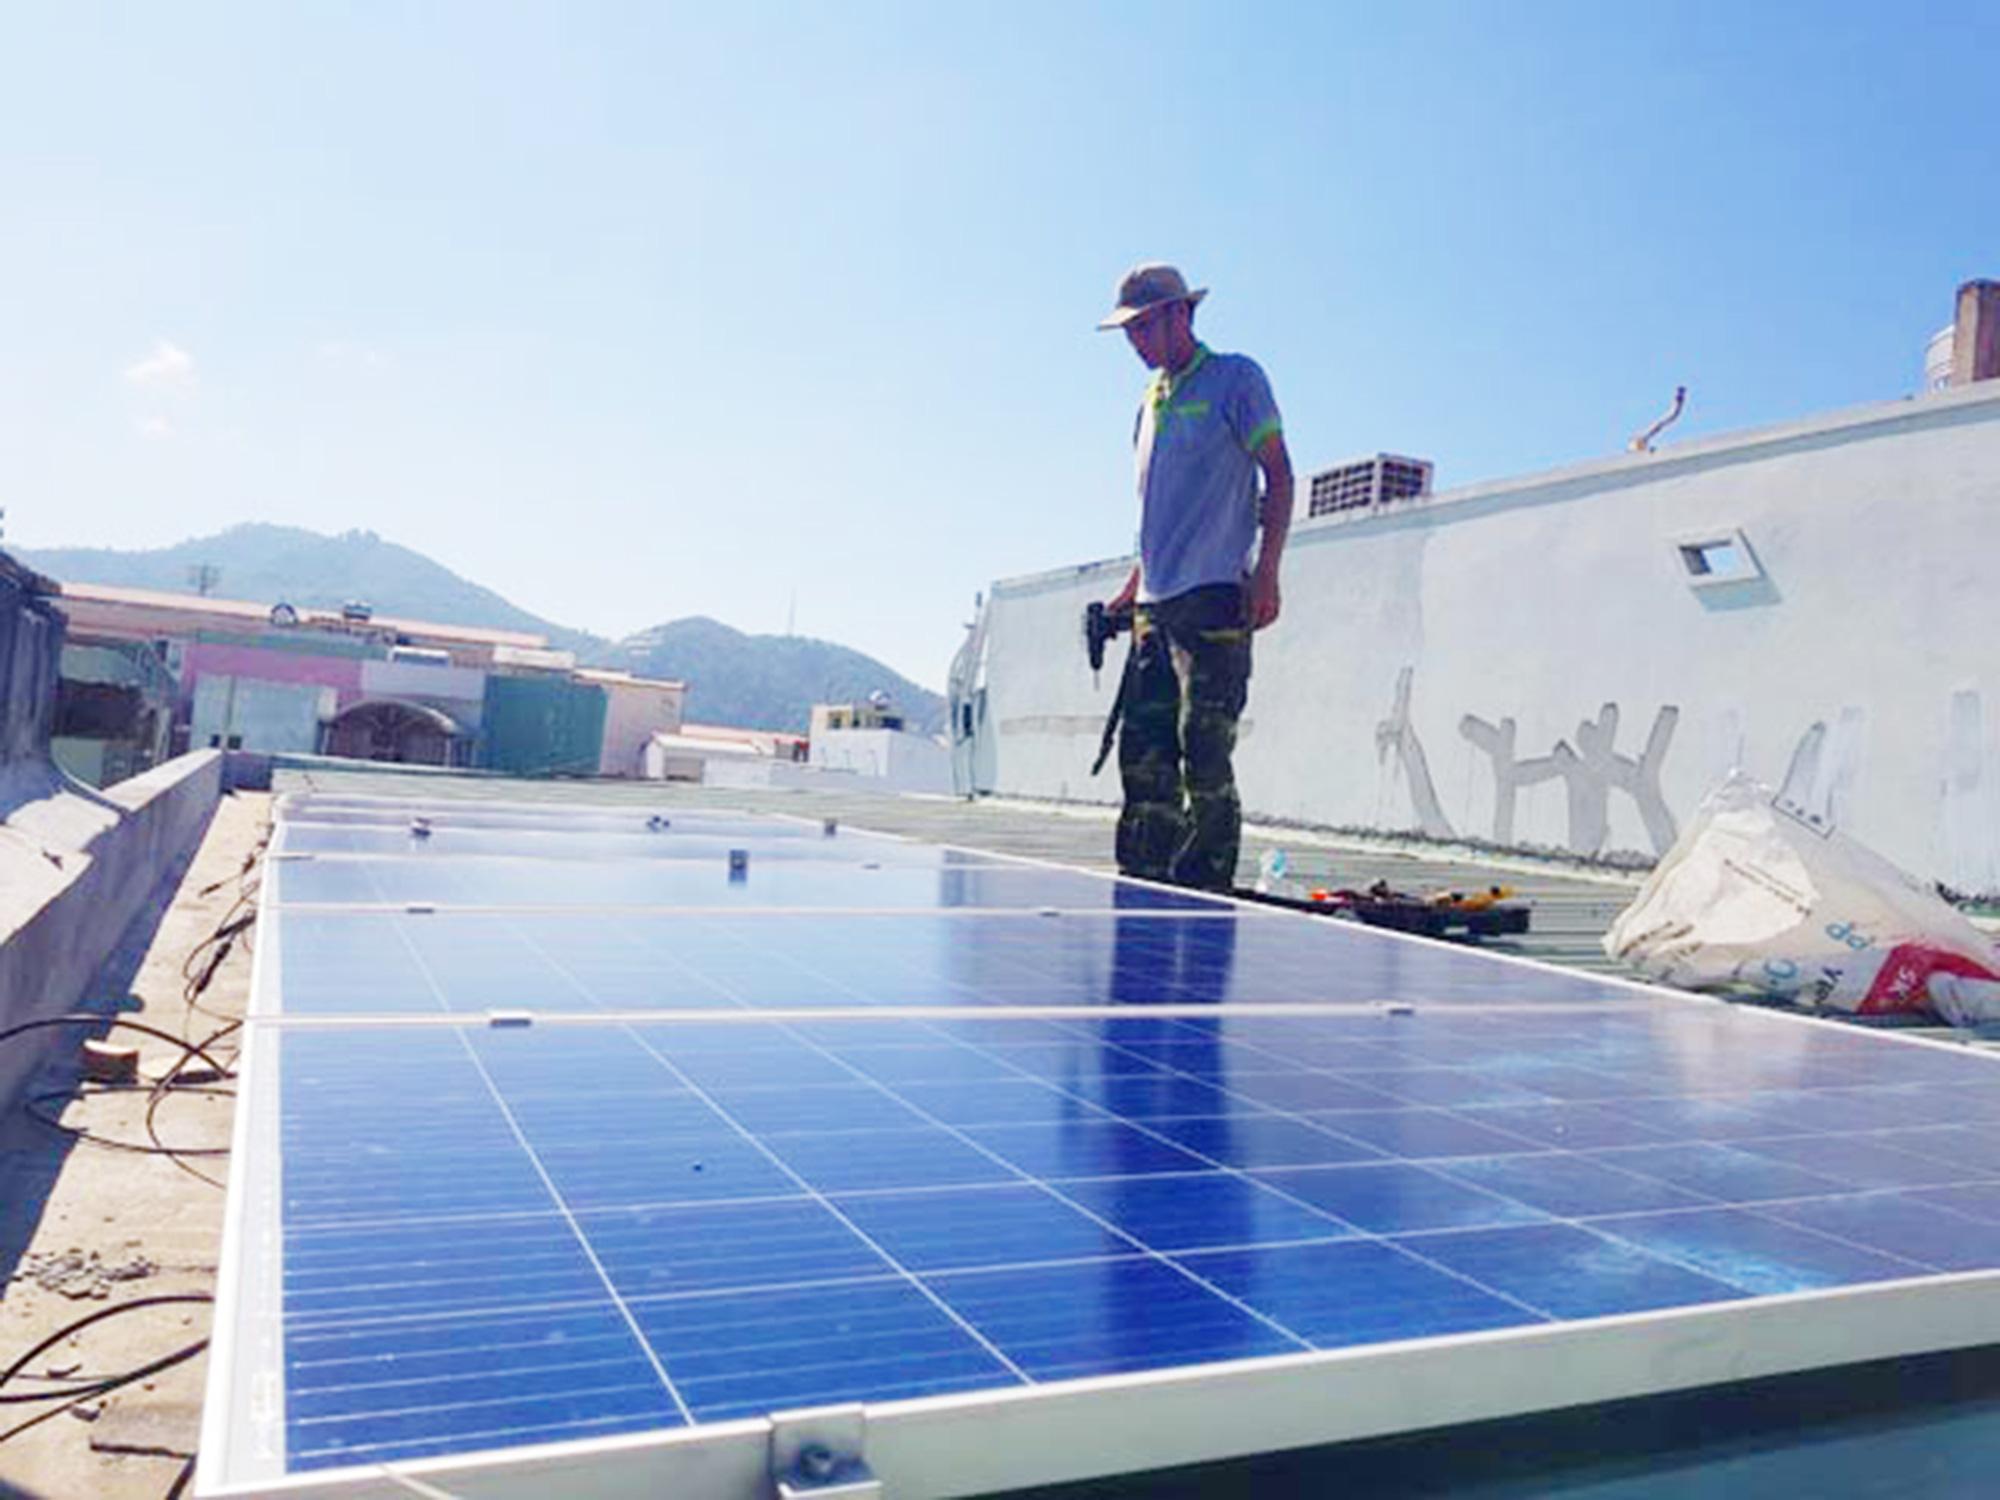 Dự án điện mặt trời mái nhà: Dân ồ ạt đăng ký nhưng chưa có thông tư - Ảnh 4.